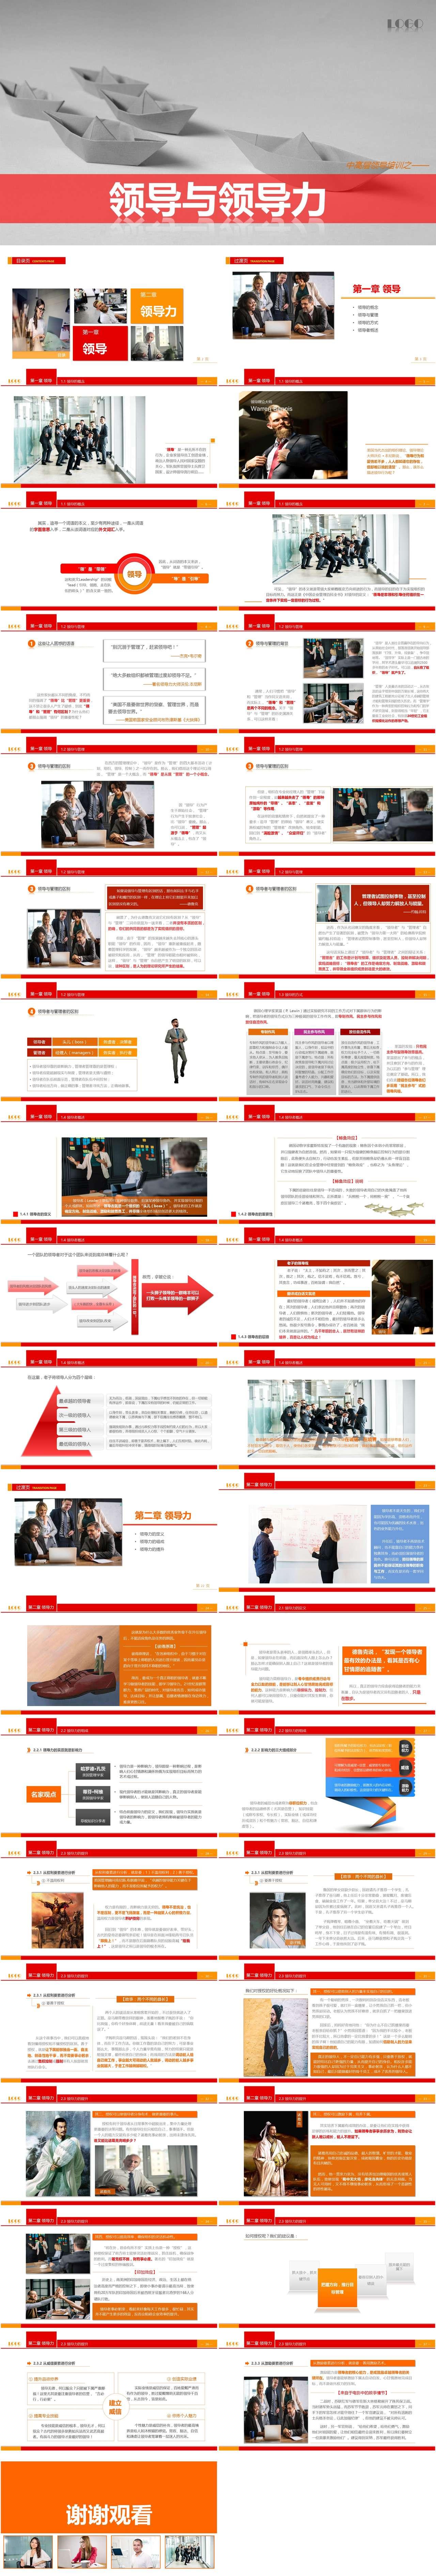 公司中高层培训之领导与领导力培训PPT模板插图1